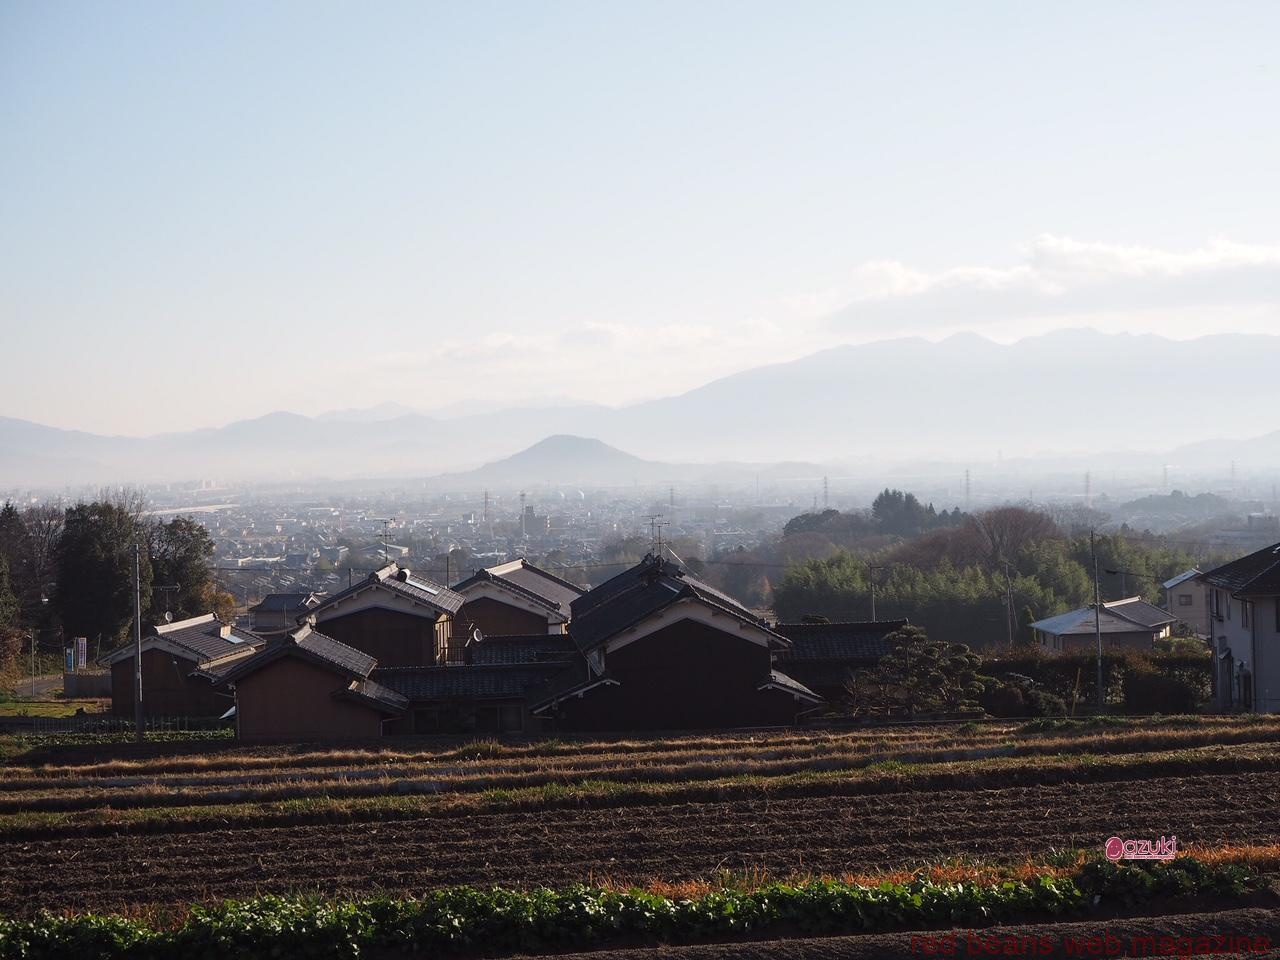 古事記の舞台、大和三山を葛城の里からみおろす風景。